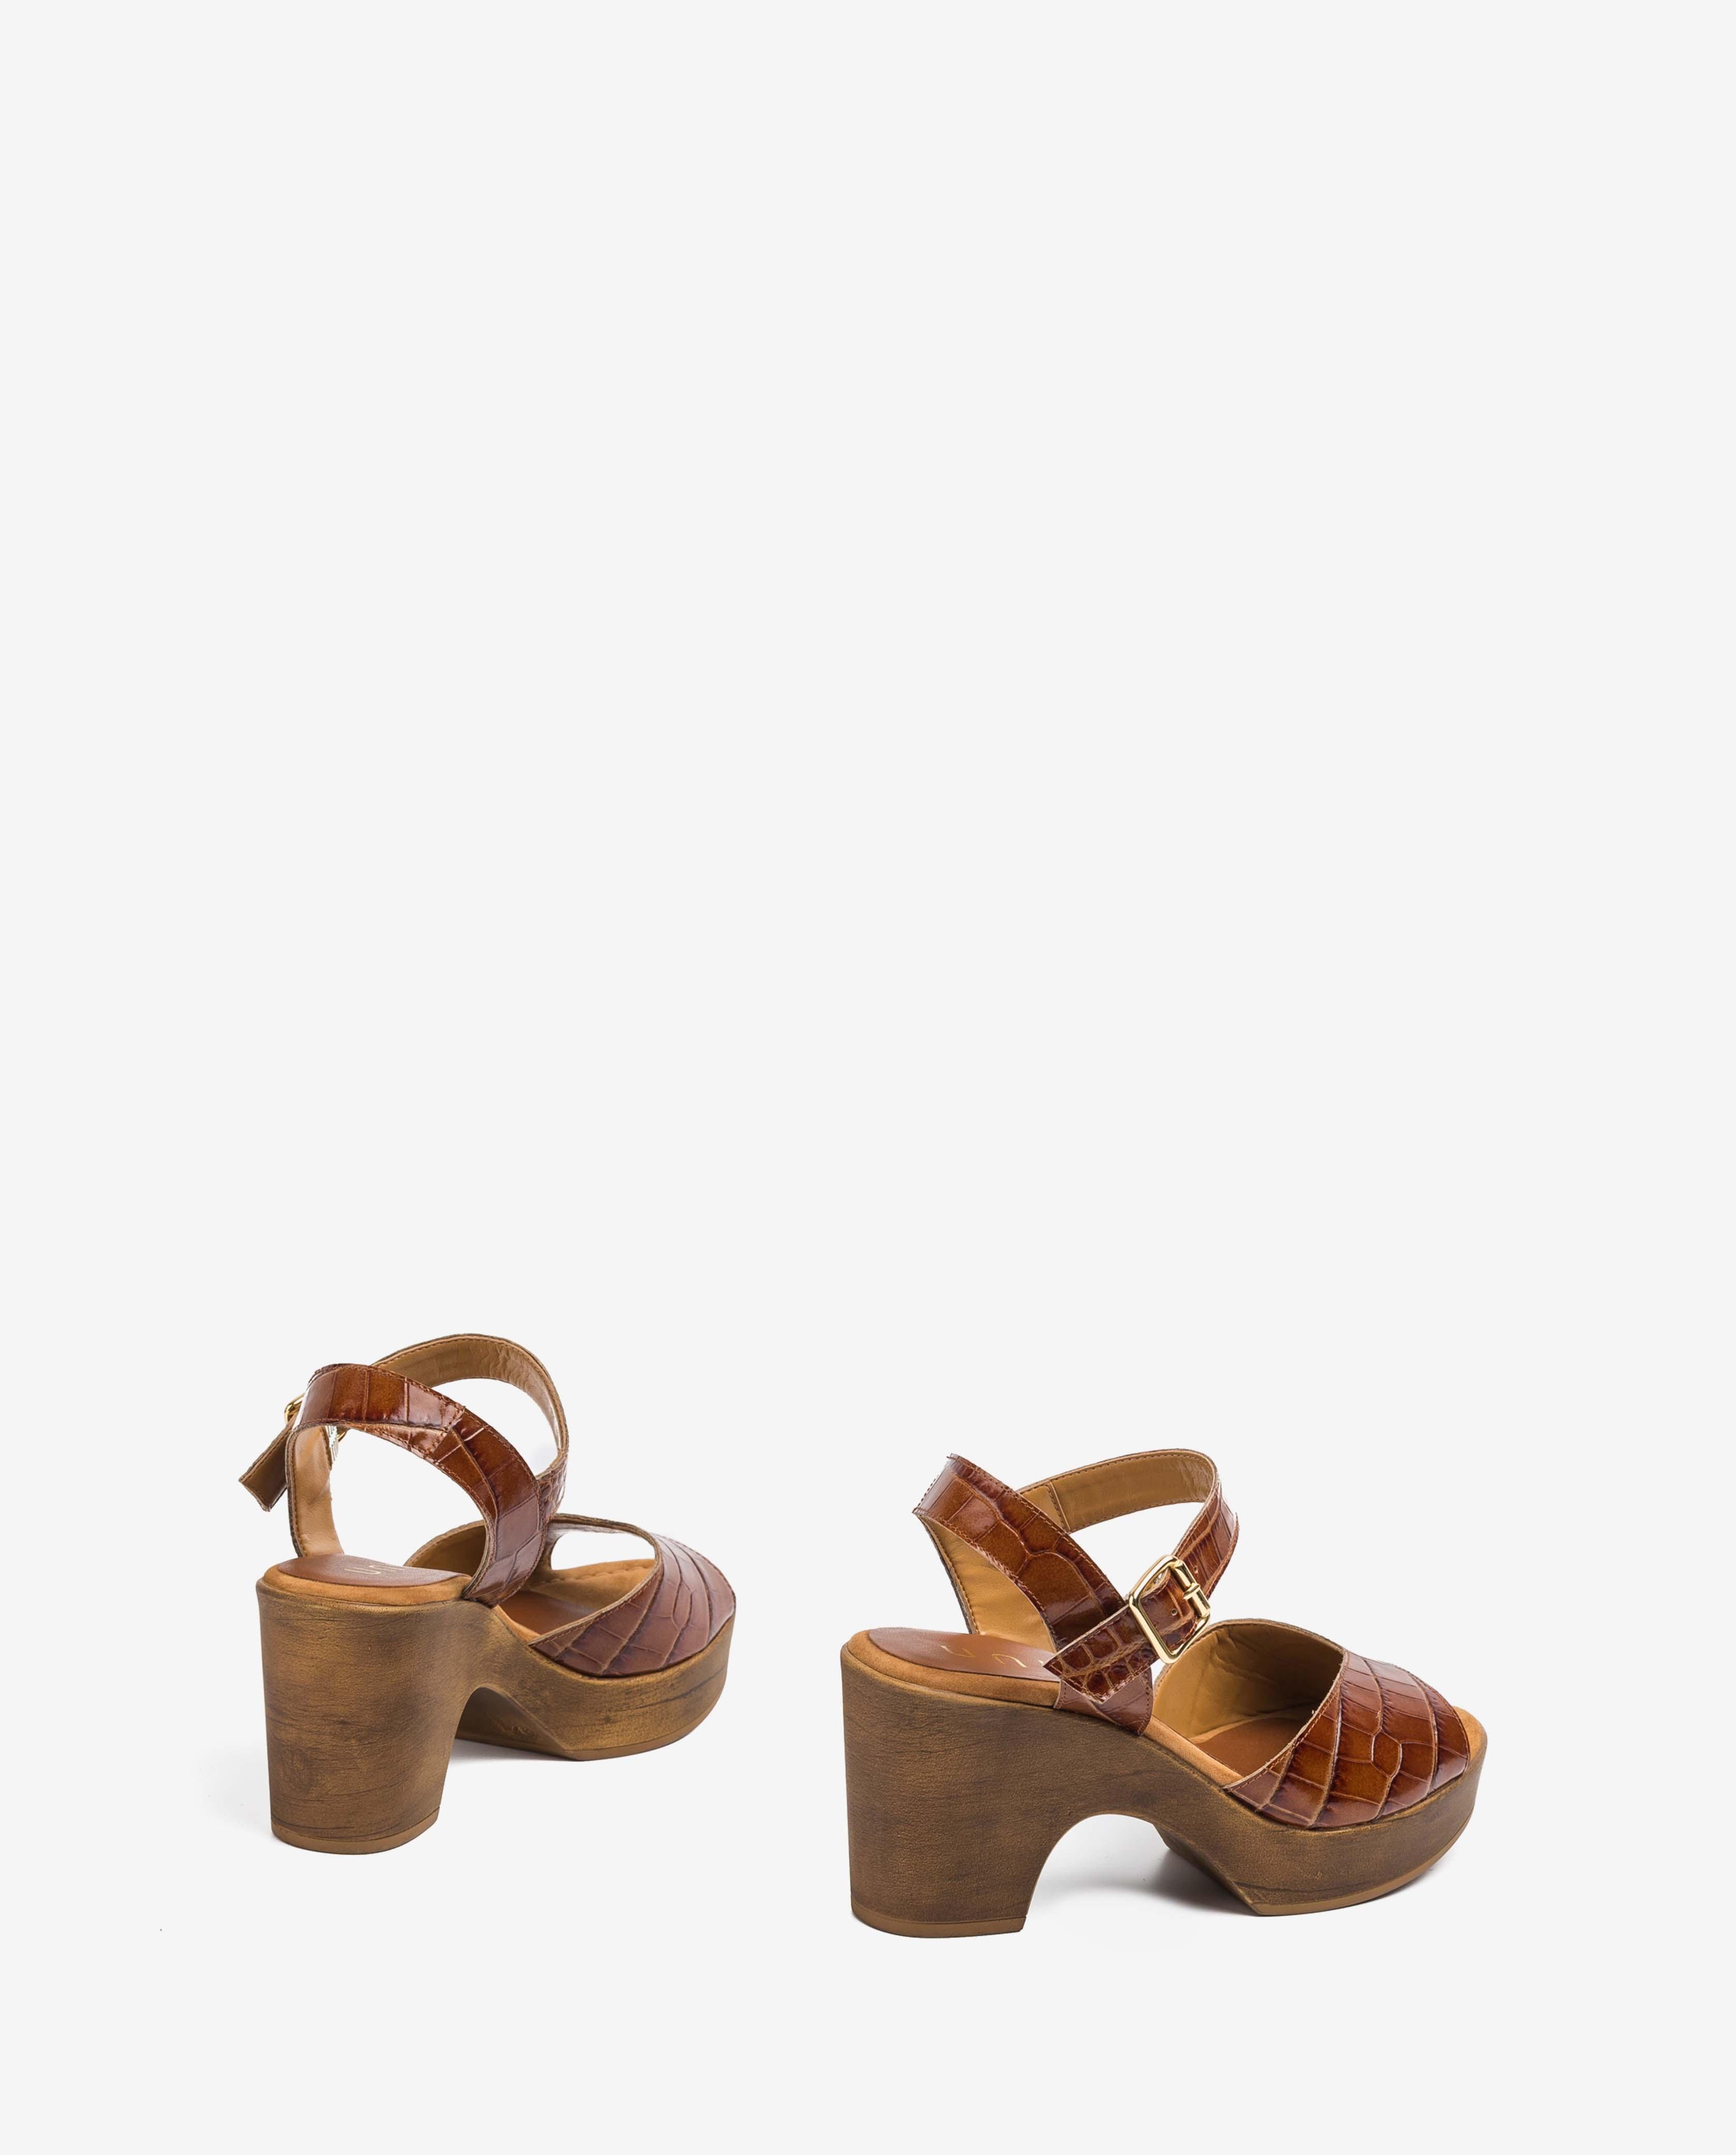 UNISA Braune Sandalen in Kroko-Optik OTTIS_CRW saddle 5